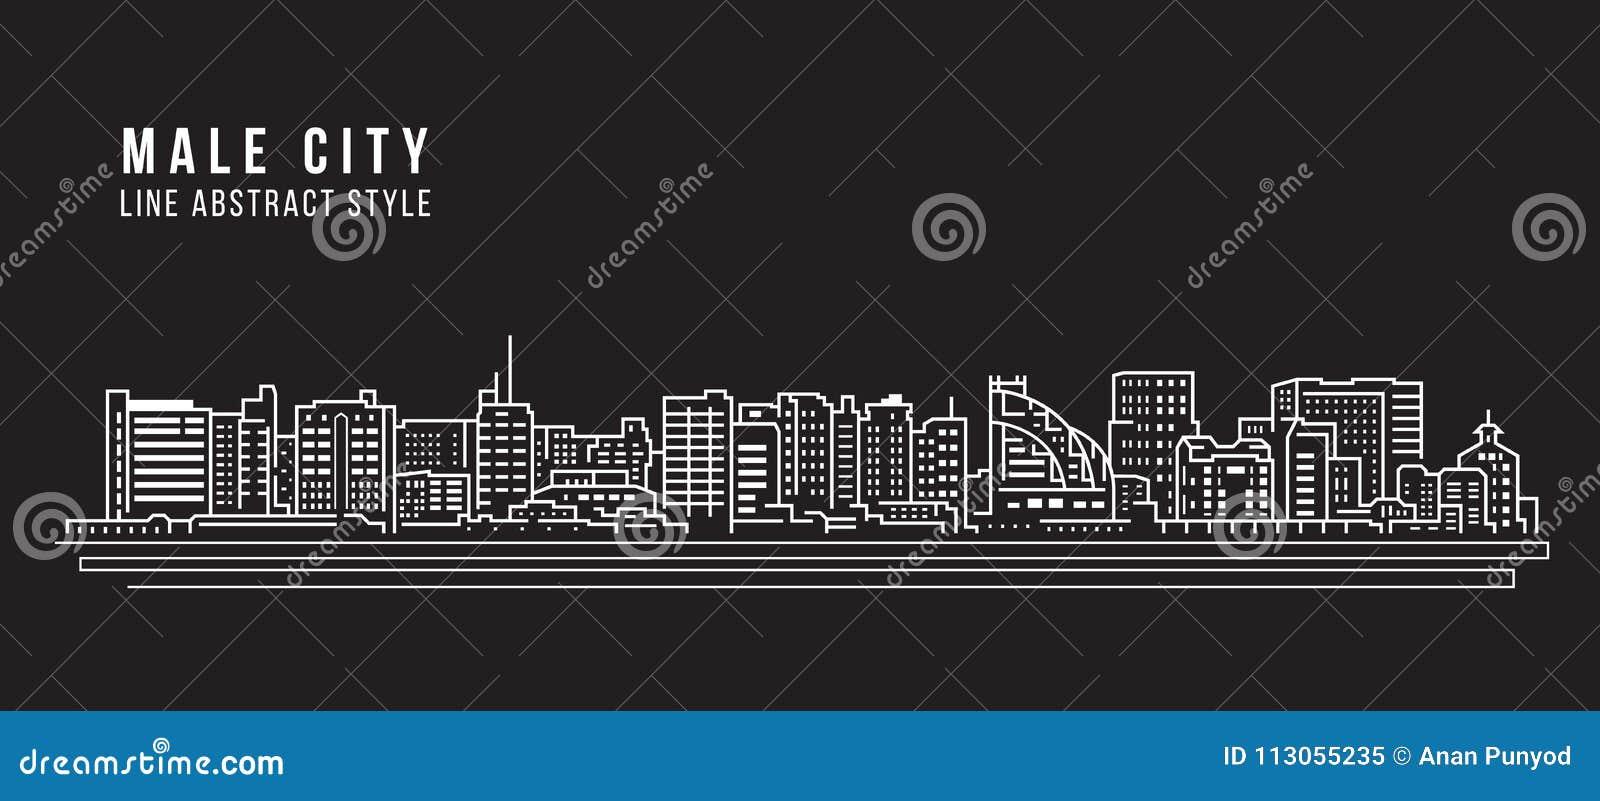 Διανυσματικό σχέδιο απεικόνισης τέχνης γραμμών κτηρίου εικονικής παράστασης πόλης - αρσενική πόλη - Μαλδίβες